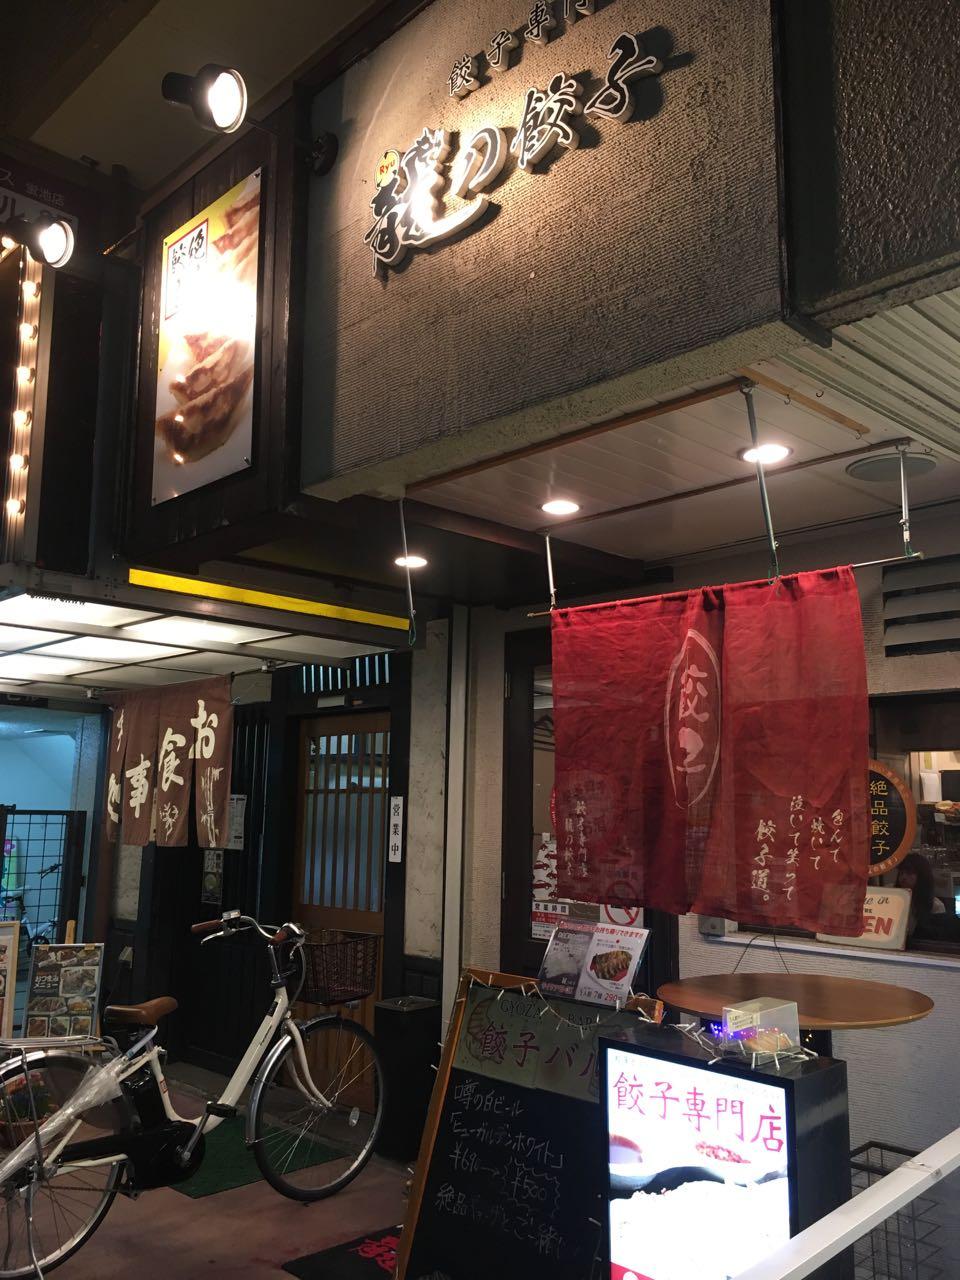 蛍池駅前!龍の餃子(りゅうのぎょうざ)は女性同士や一人でも使いやすいお店。